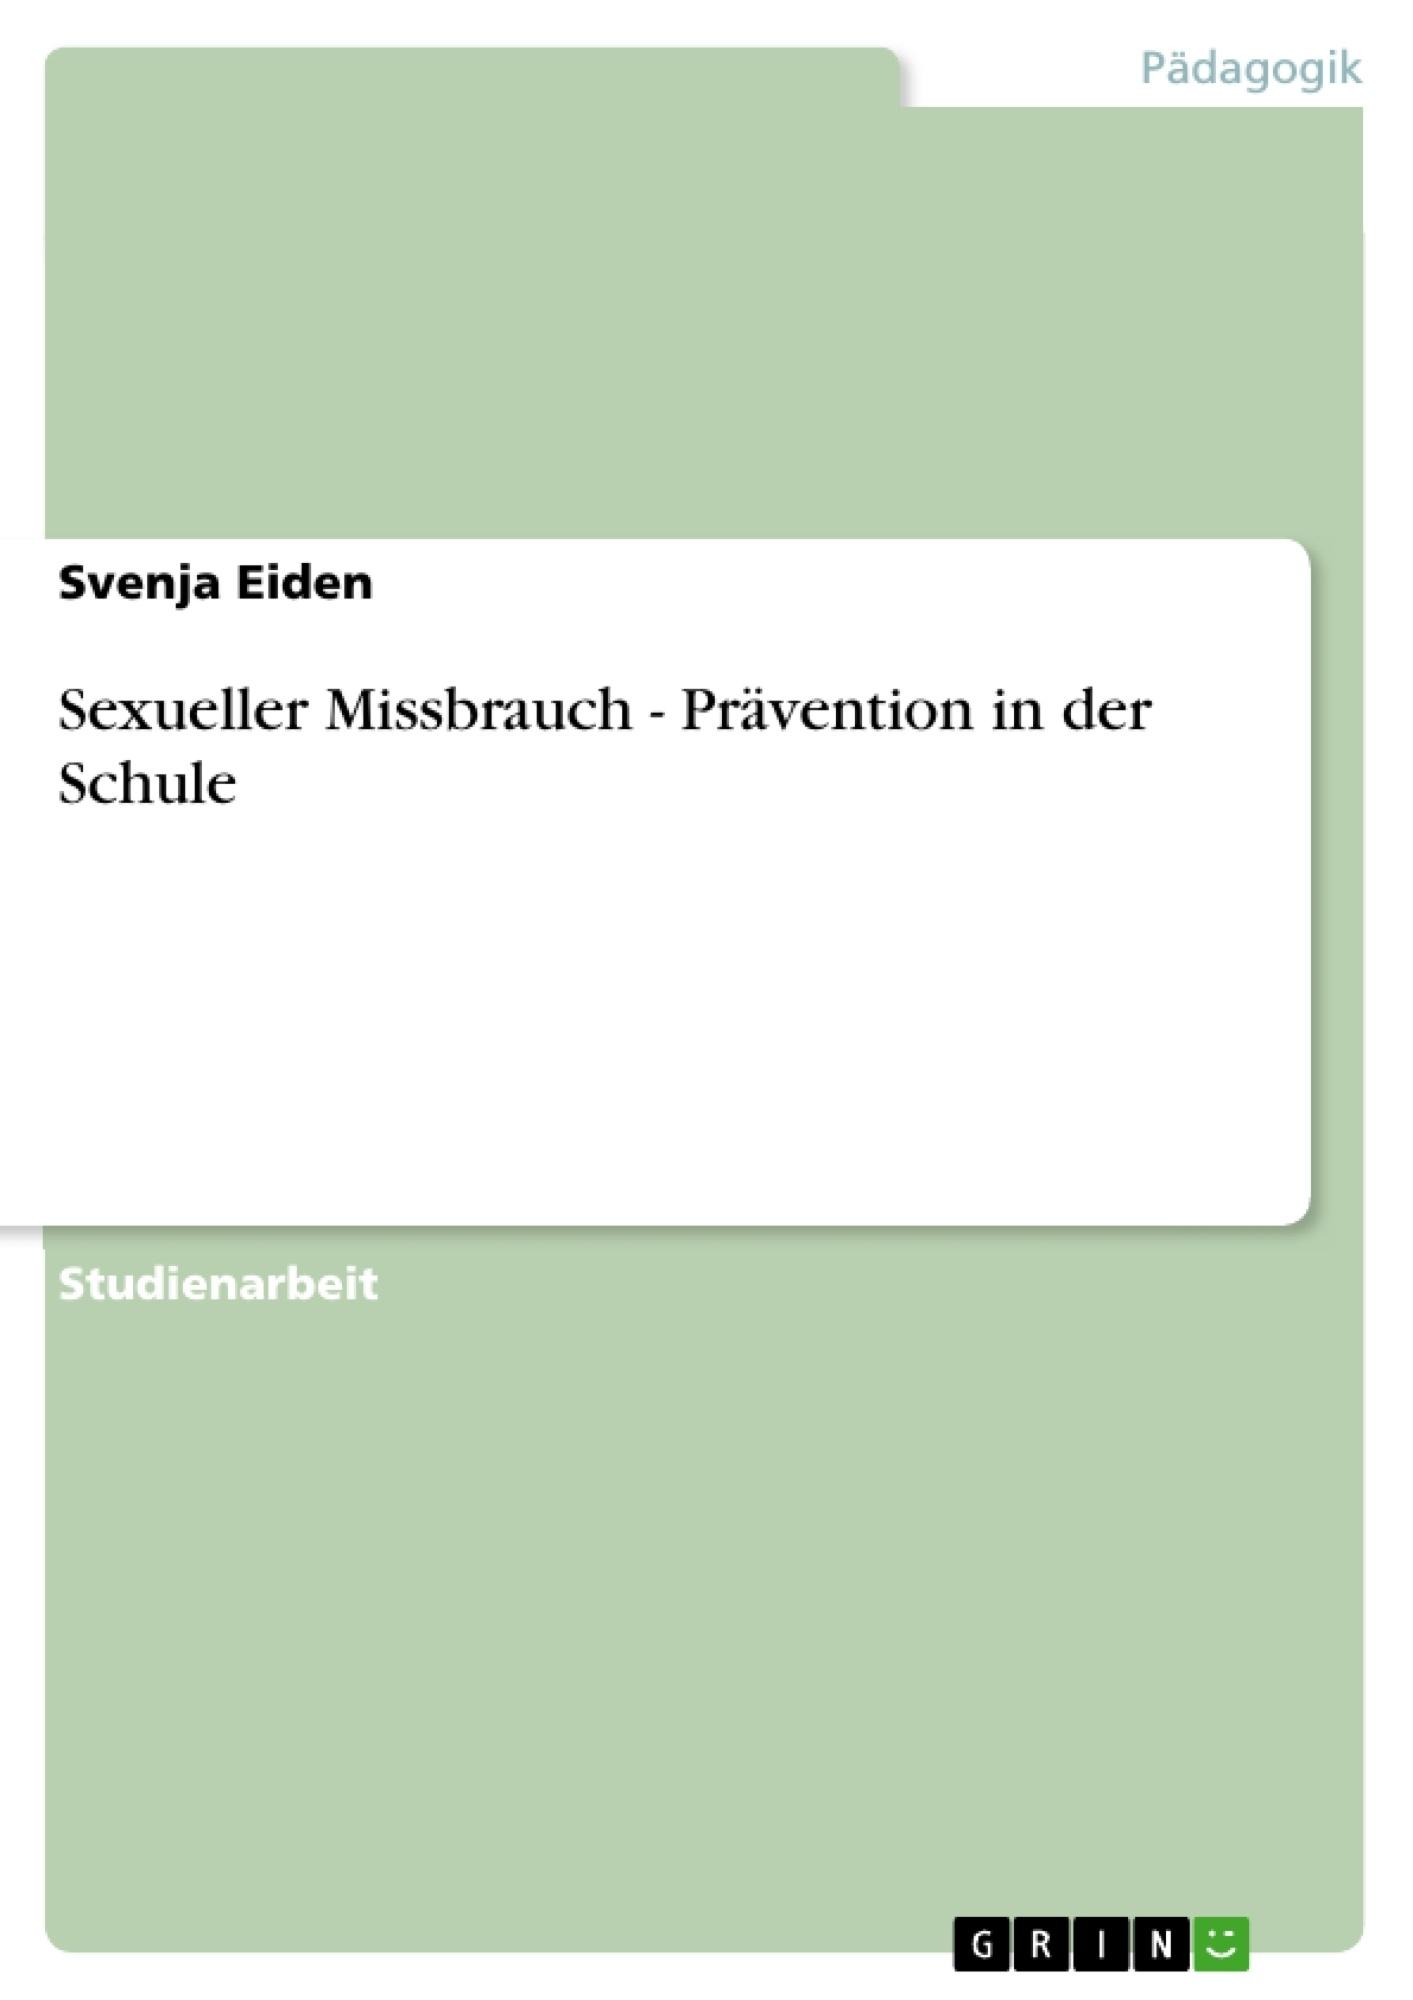 Titel: Sexueller Missbrauch - Prävention in der Schule